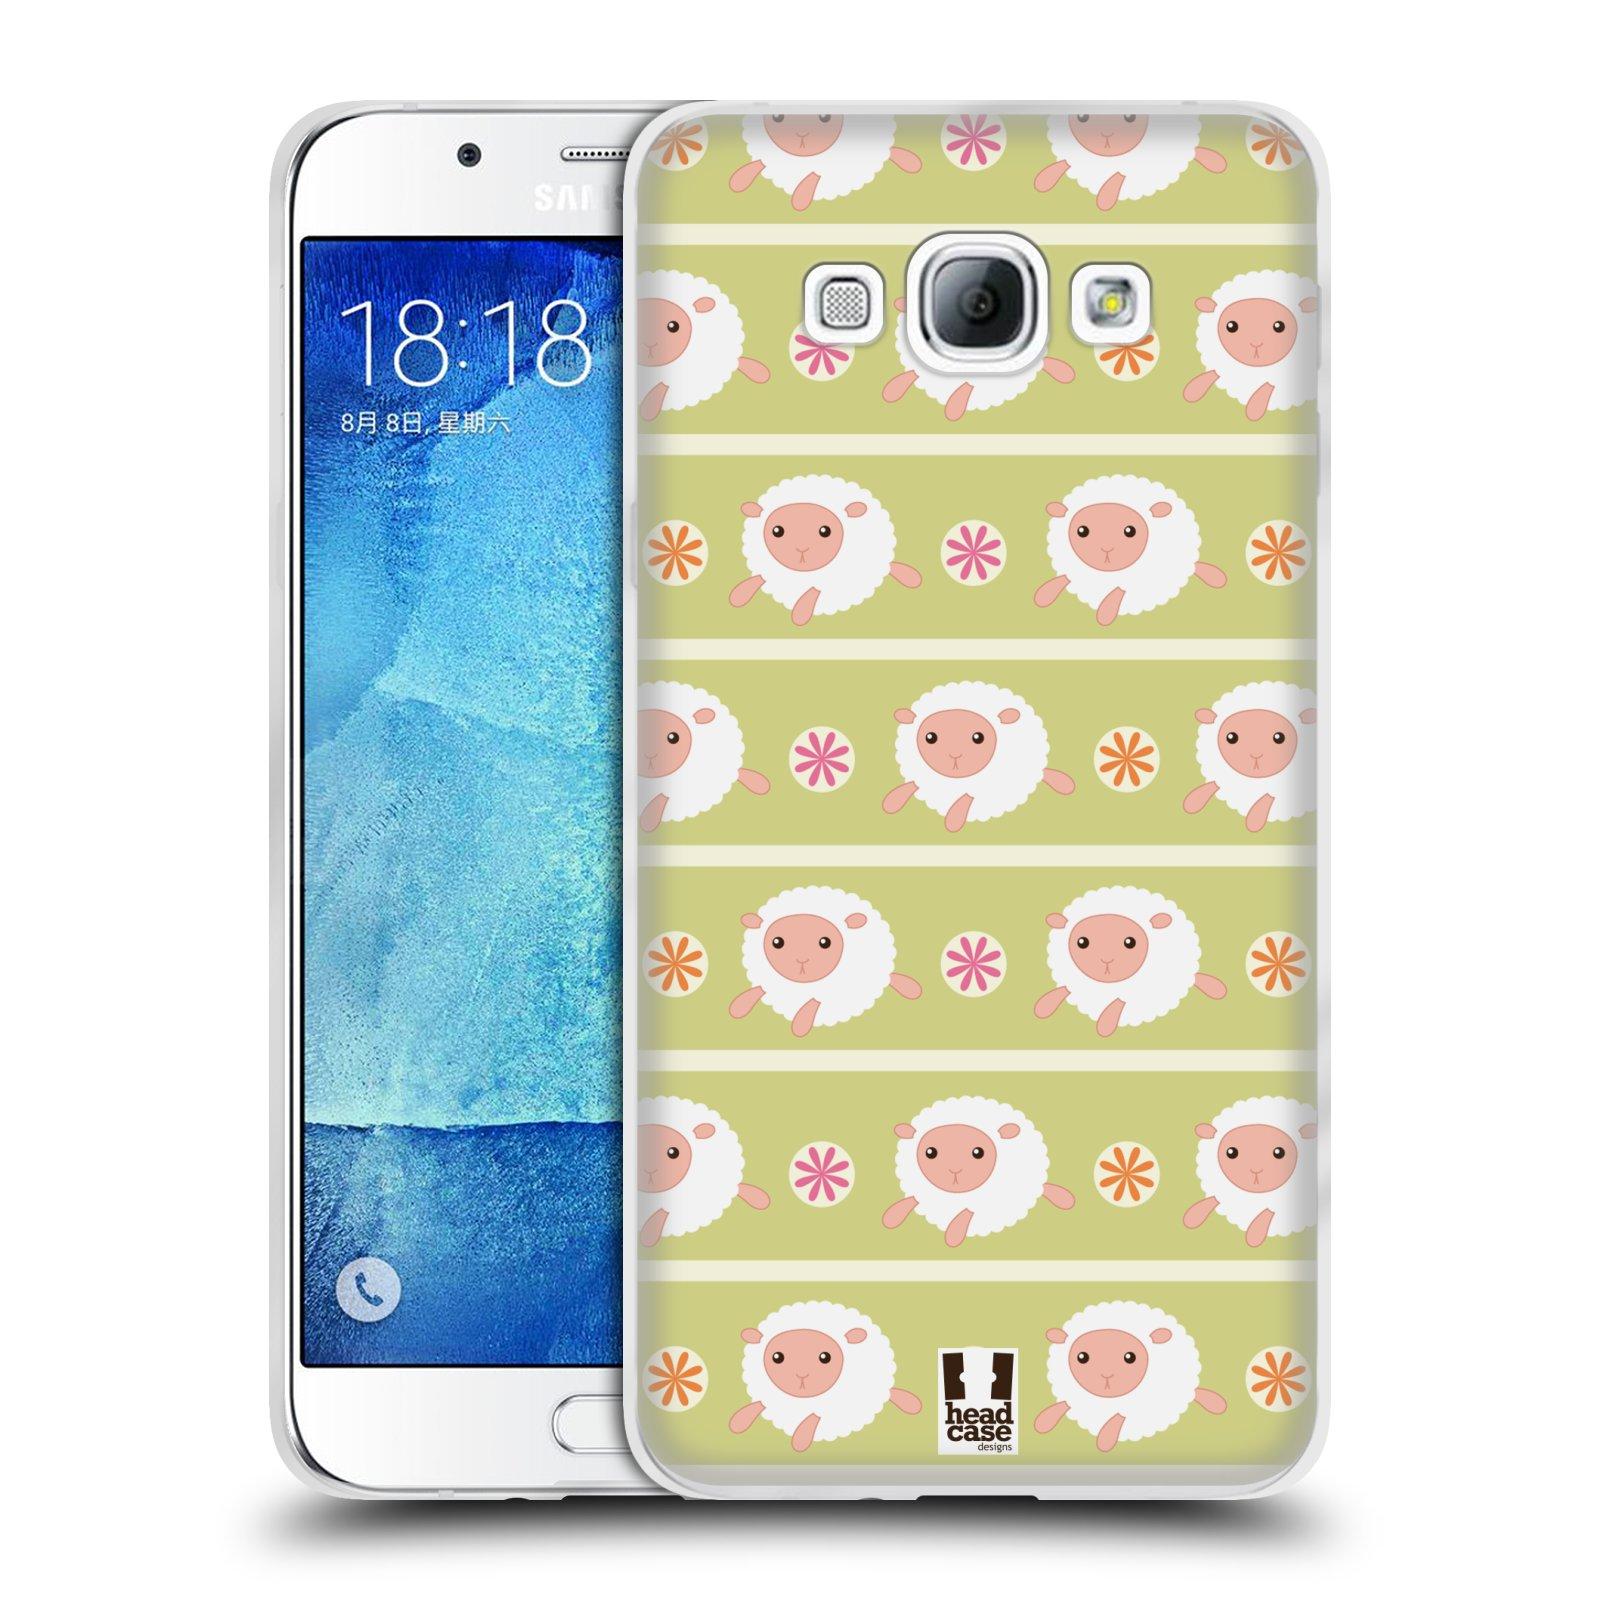 HEAD CASE silikonový obal na mobil Samsung Galaxy A8 vzor roztomilé zvířecí vzory ovečky